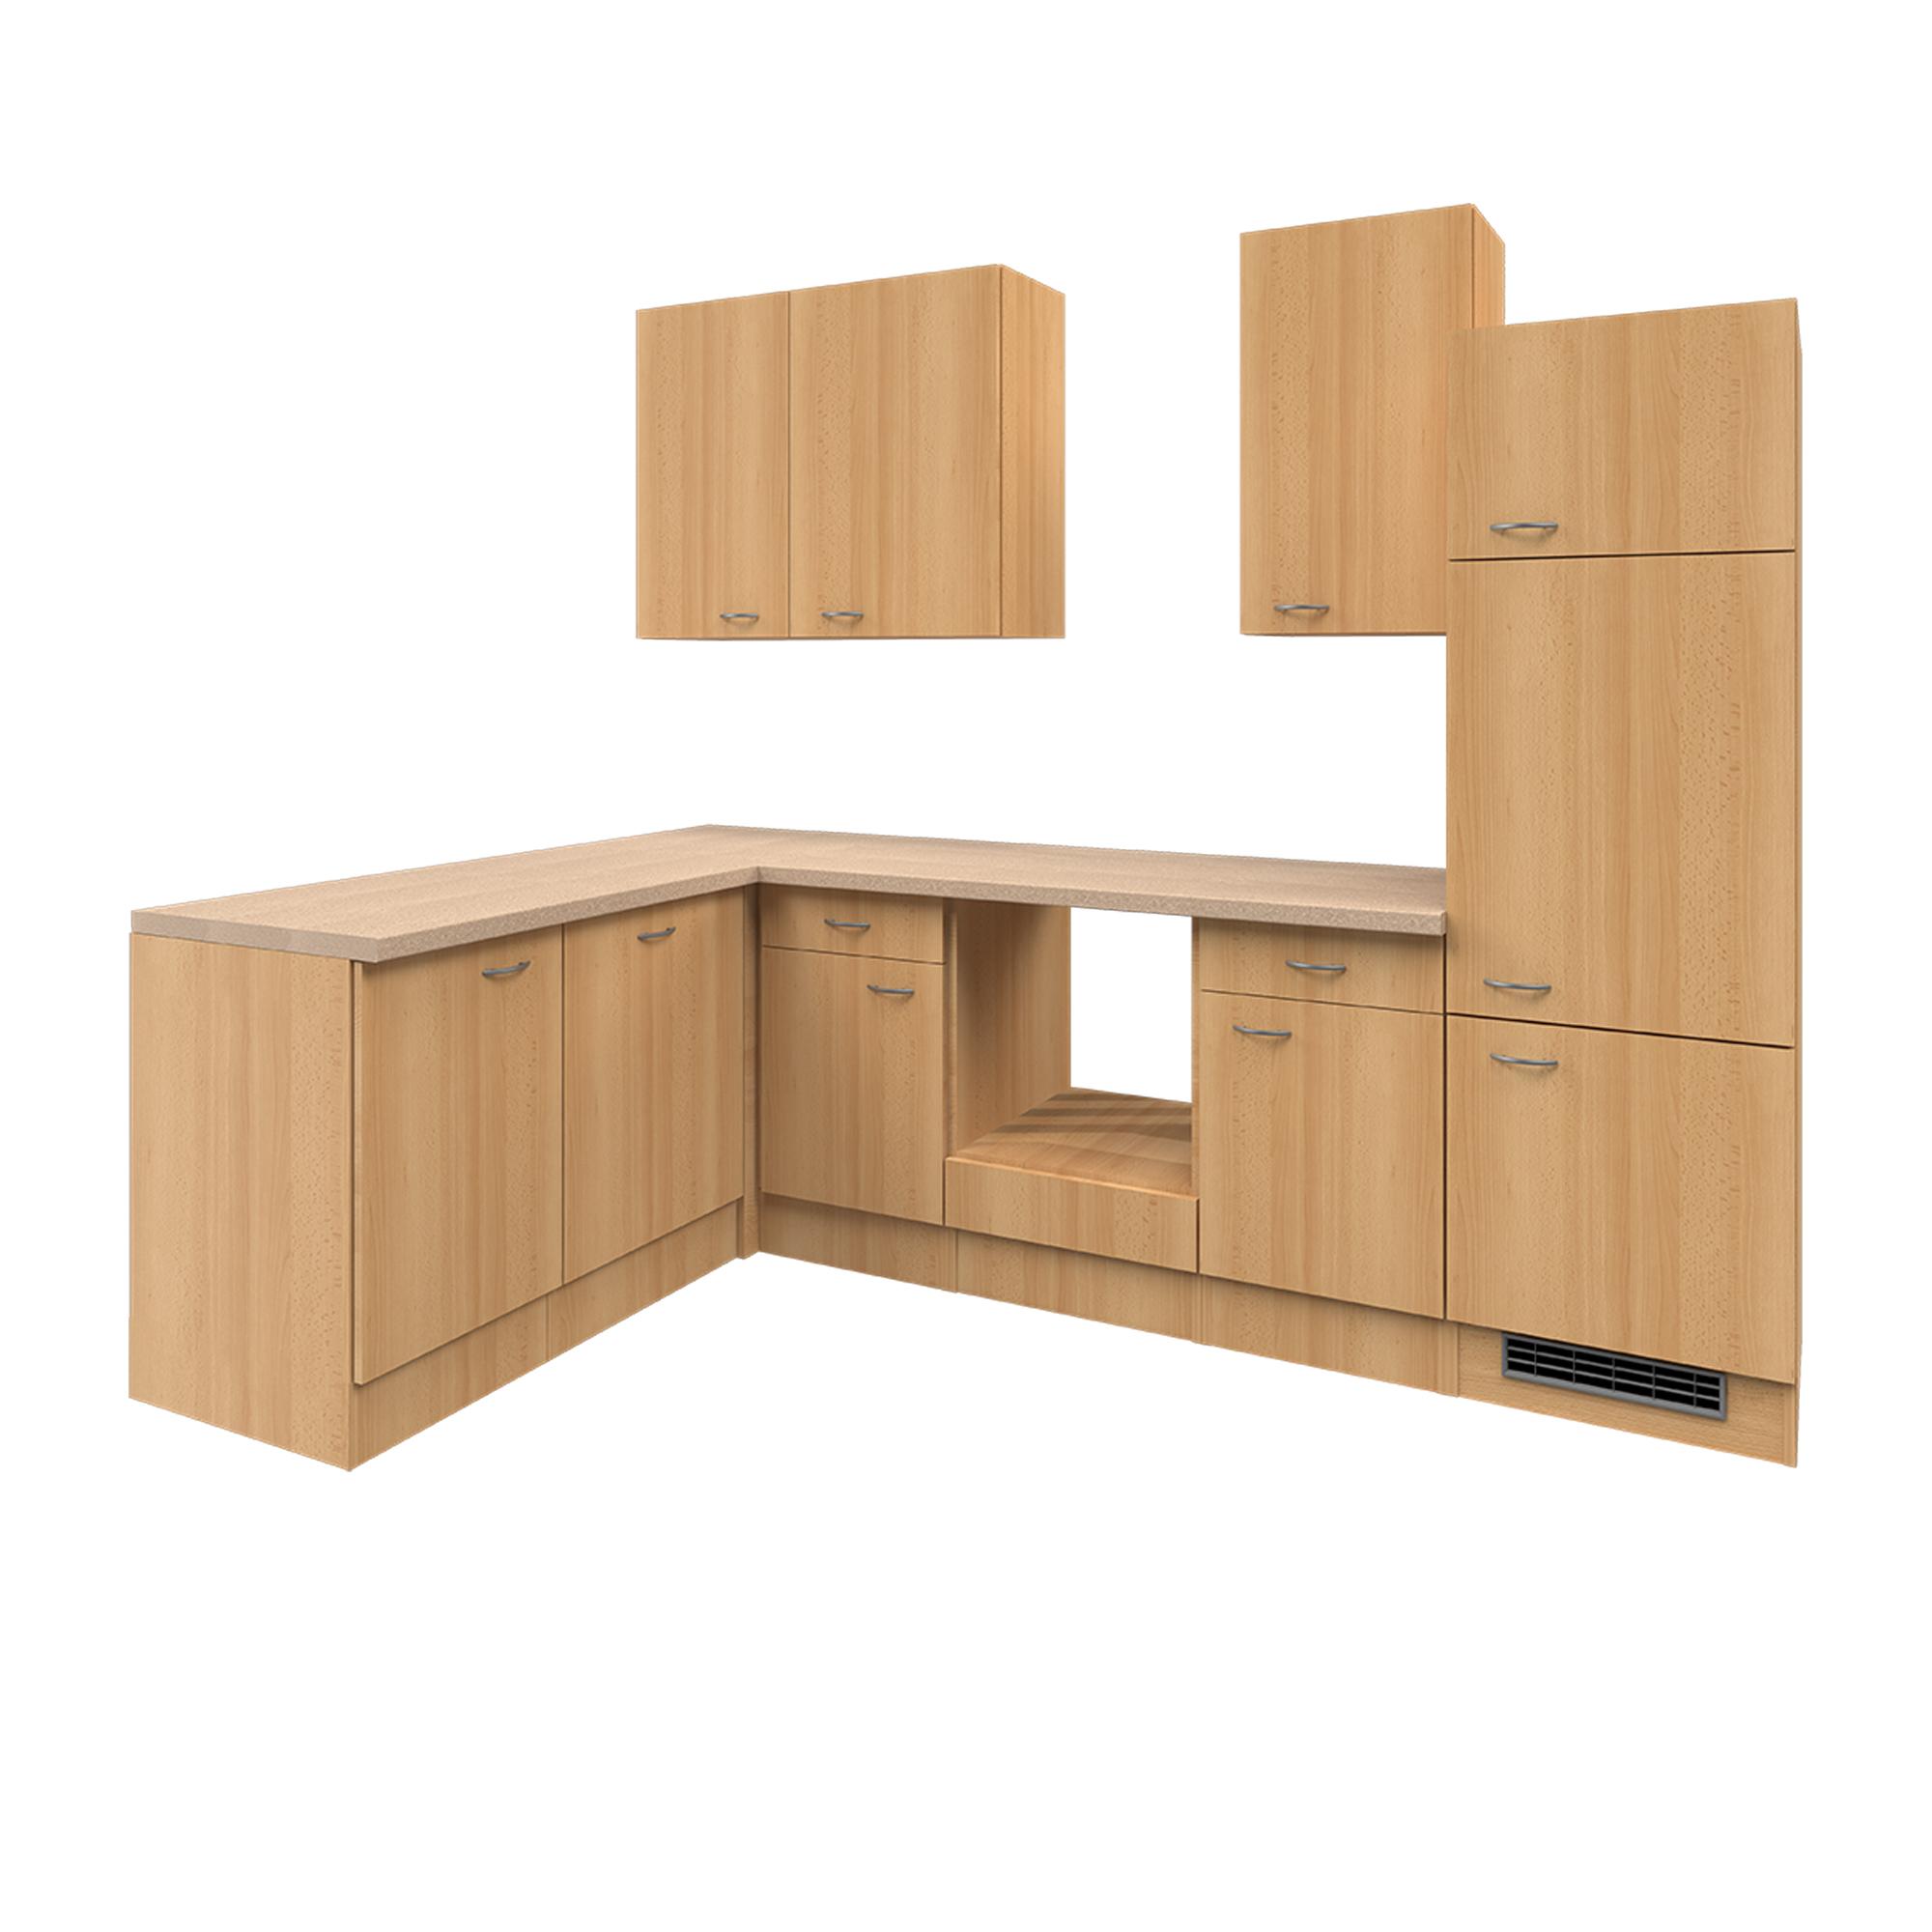 eckk che nano l k che ohne e ger te breite 280 x 170 cm buche k che k chenzeilen. Black Bedroom Furniture Sets. Home Design Ideas